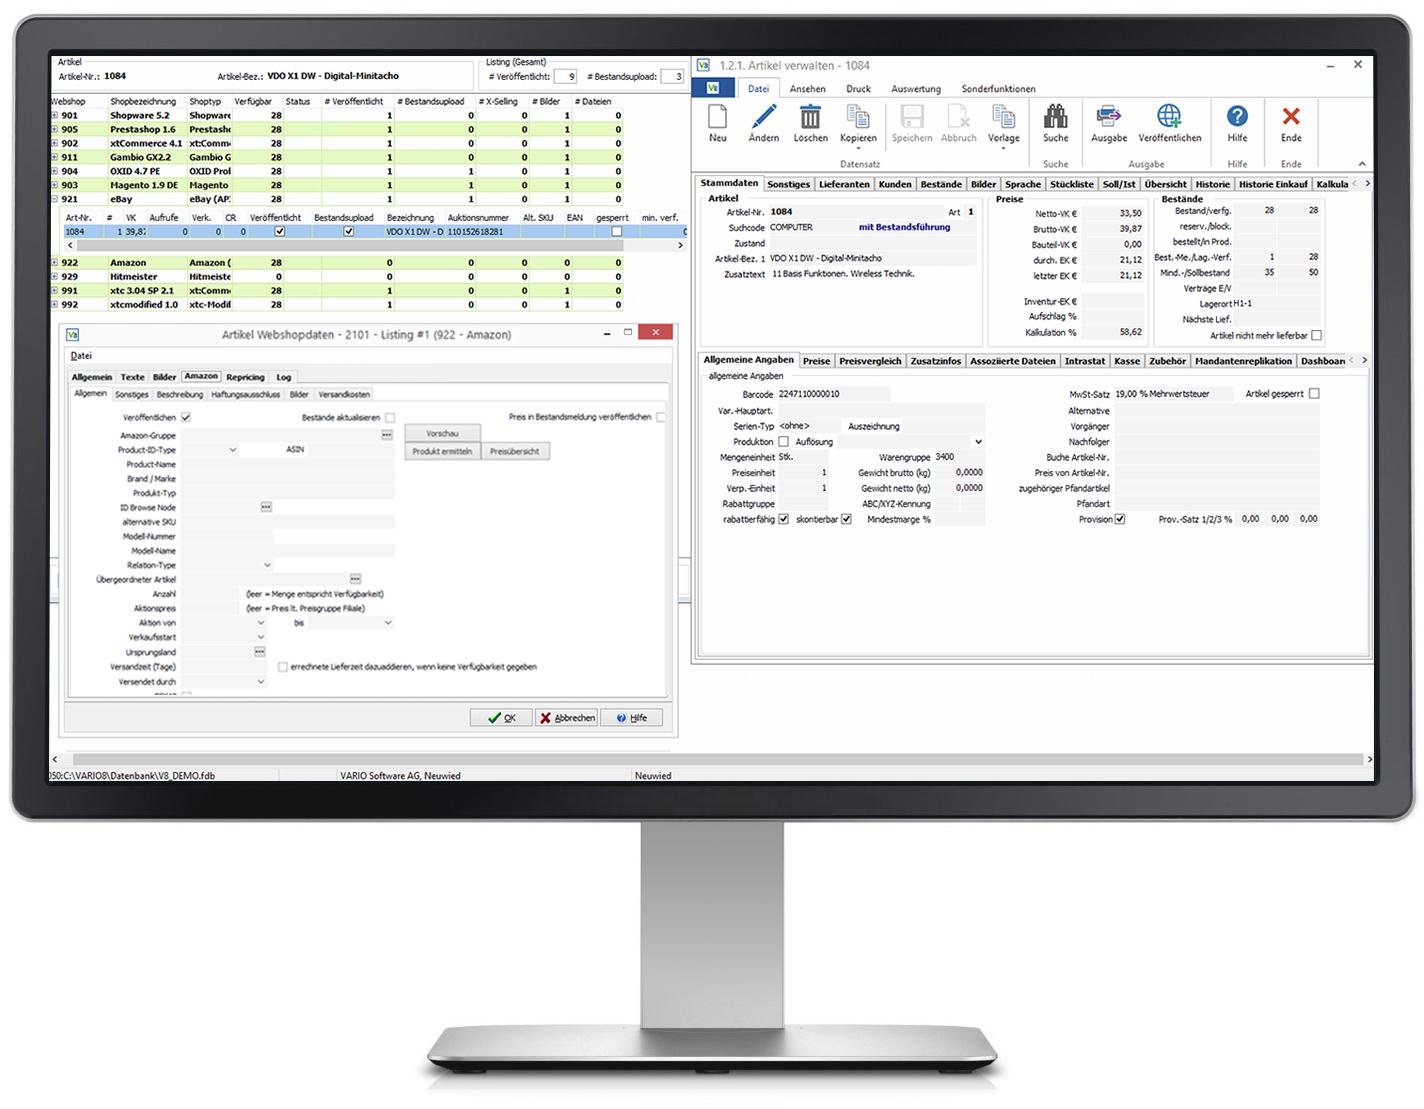 Mit den VARIO-Listings die Aktivitäten auf Amazon & Co. im Warenwirtschaftssystem verwalten und überwachen.